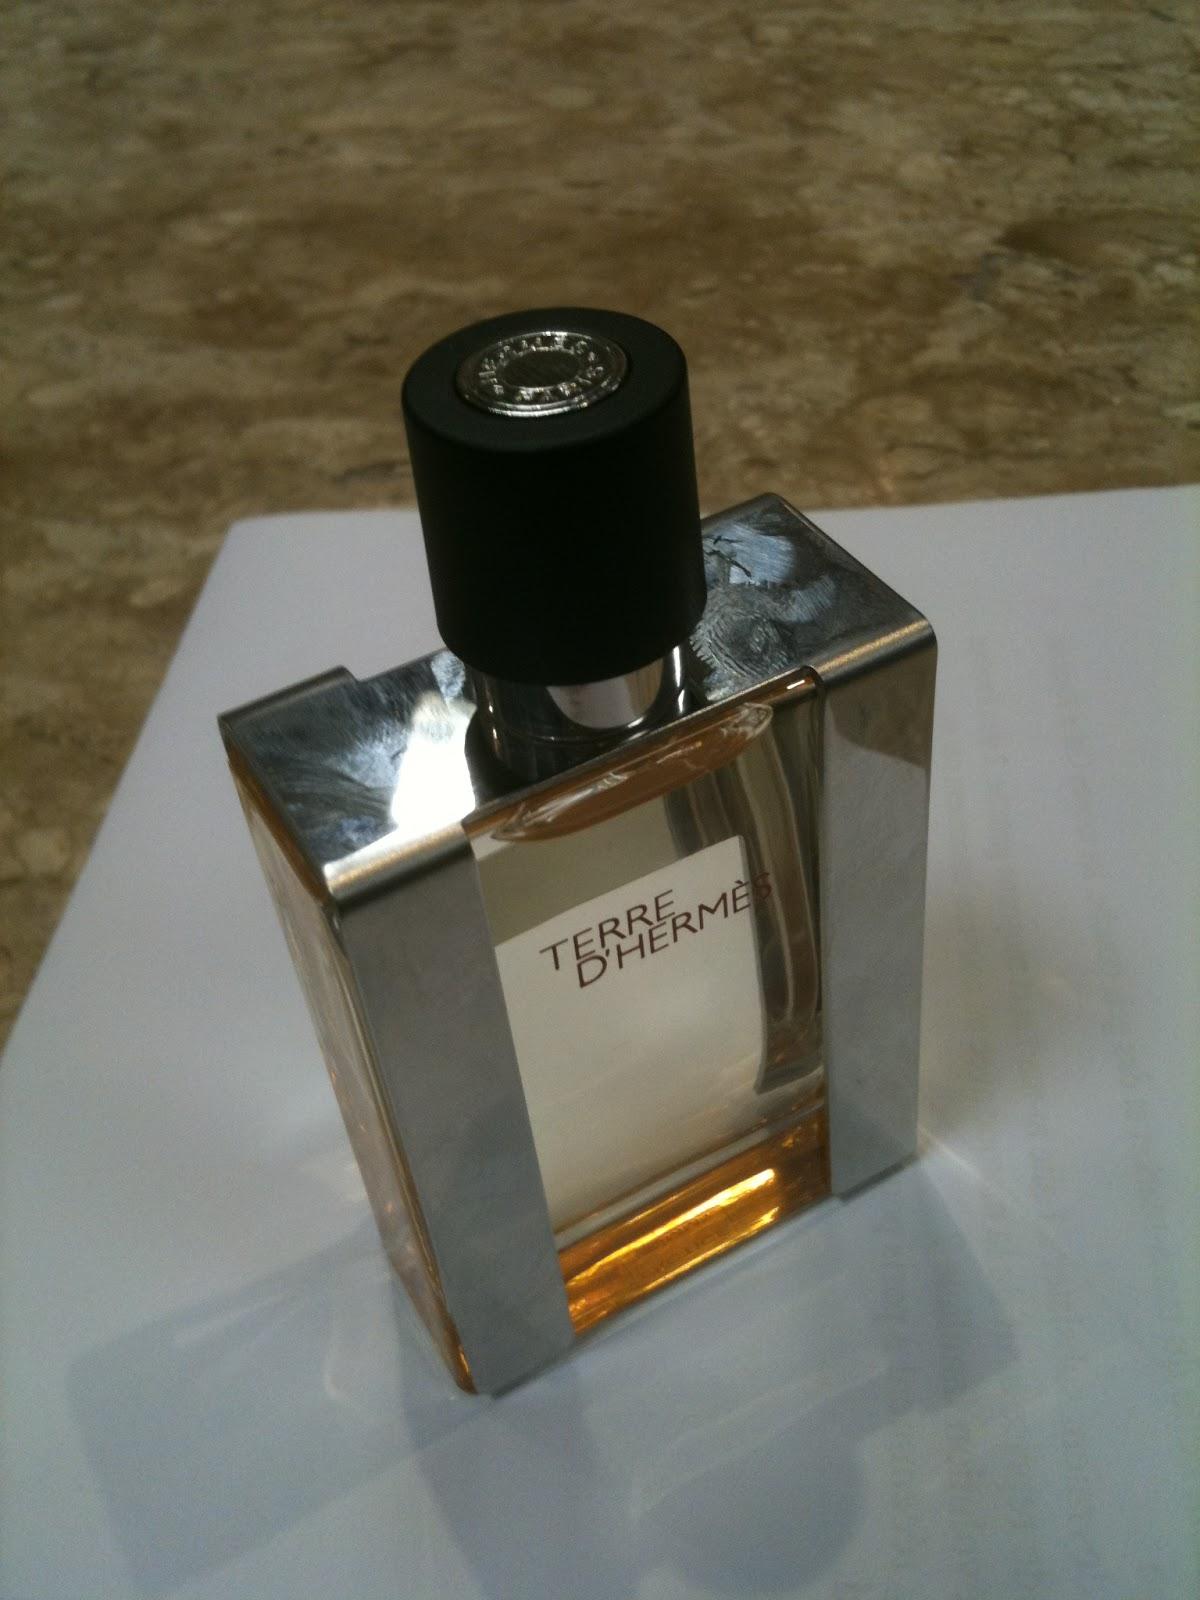 8051fee61d8 Terre d Hermès Edição Limitada - Hermès